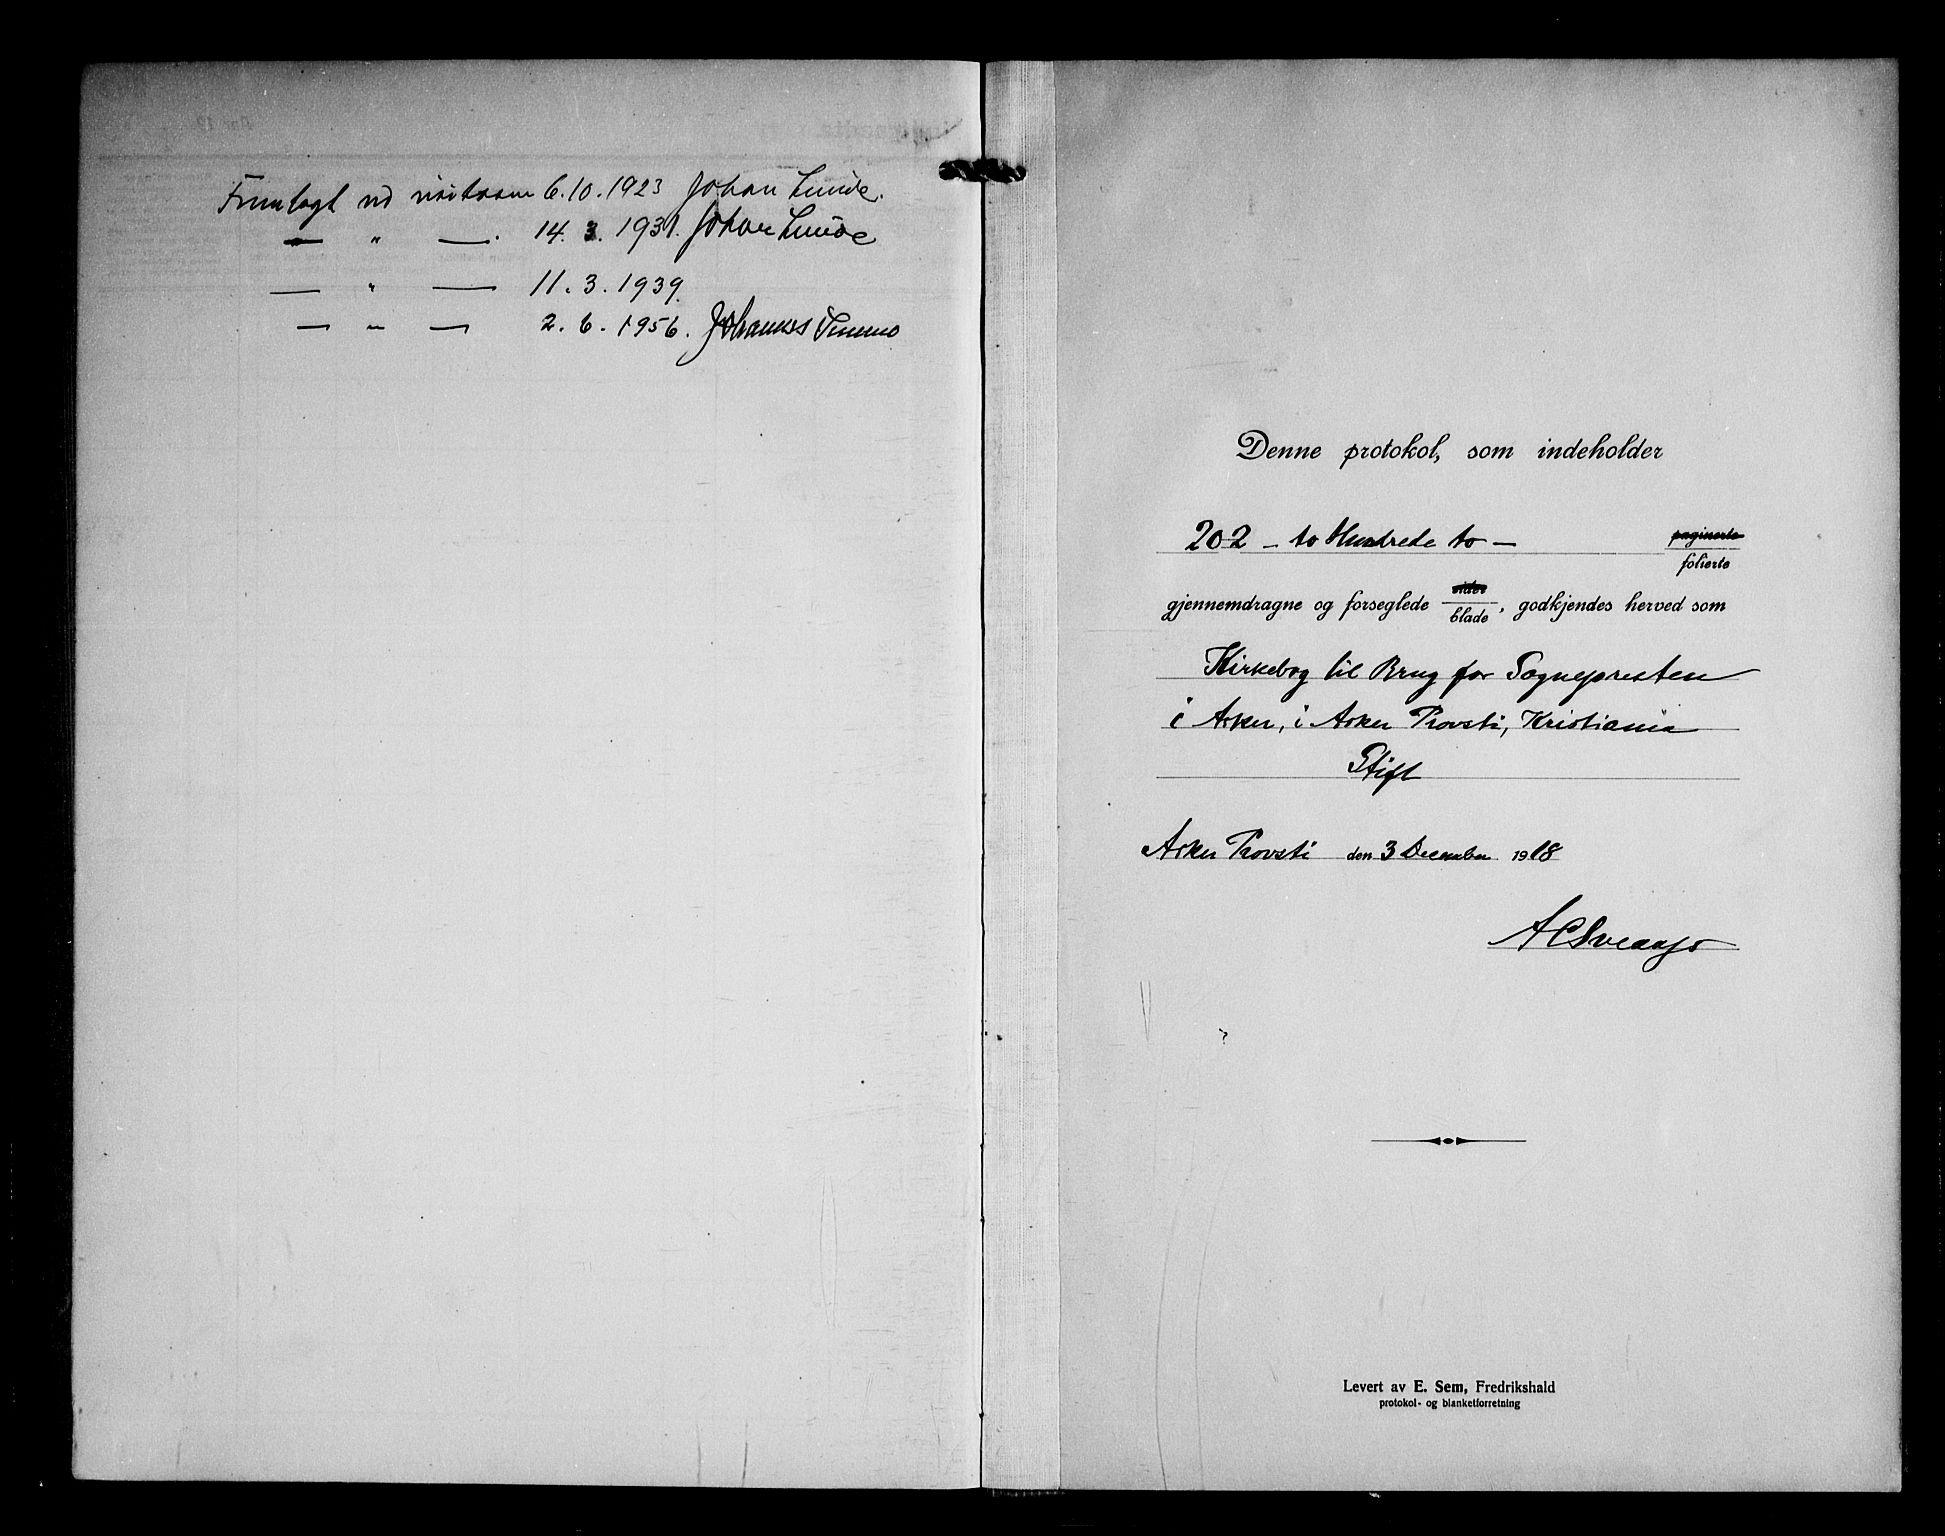 SAO, Asker prestekontor Kirkebøker, F/Fa/L0020: Ministerialbok nr. I 20, 1918-1948